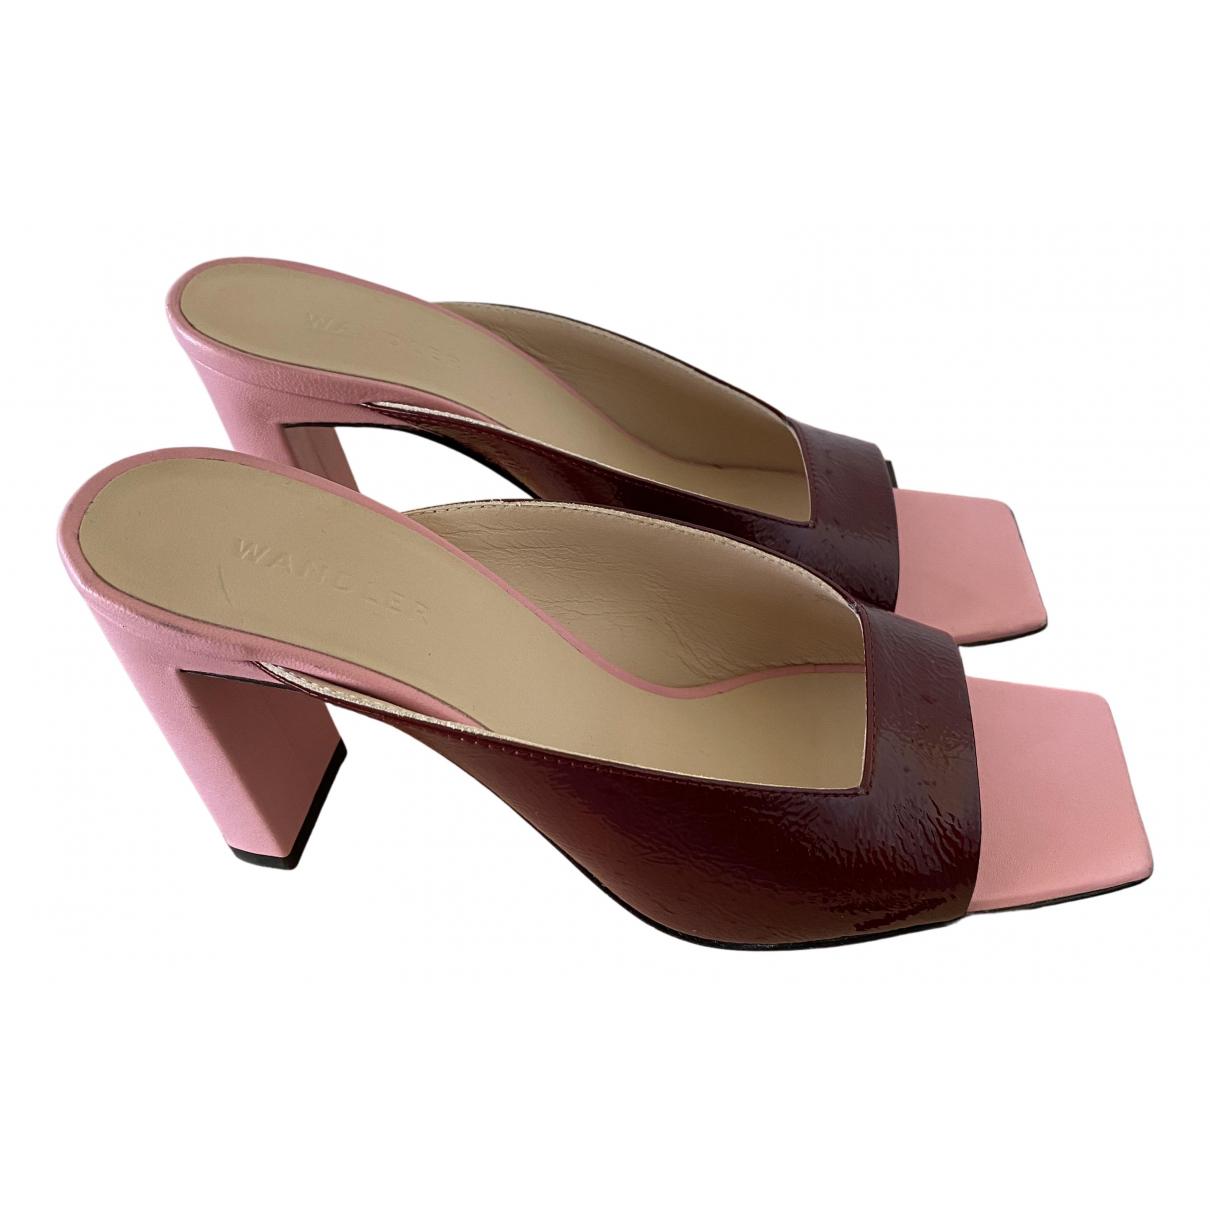 Wandler - Sandales   pour femme en cuir - multicolore